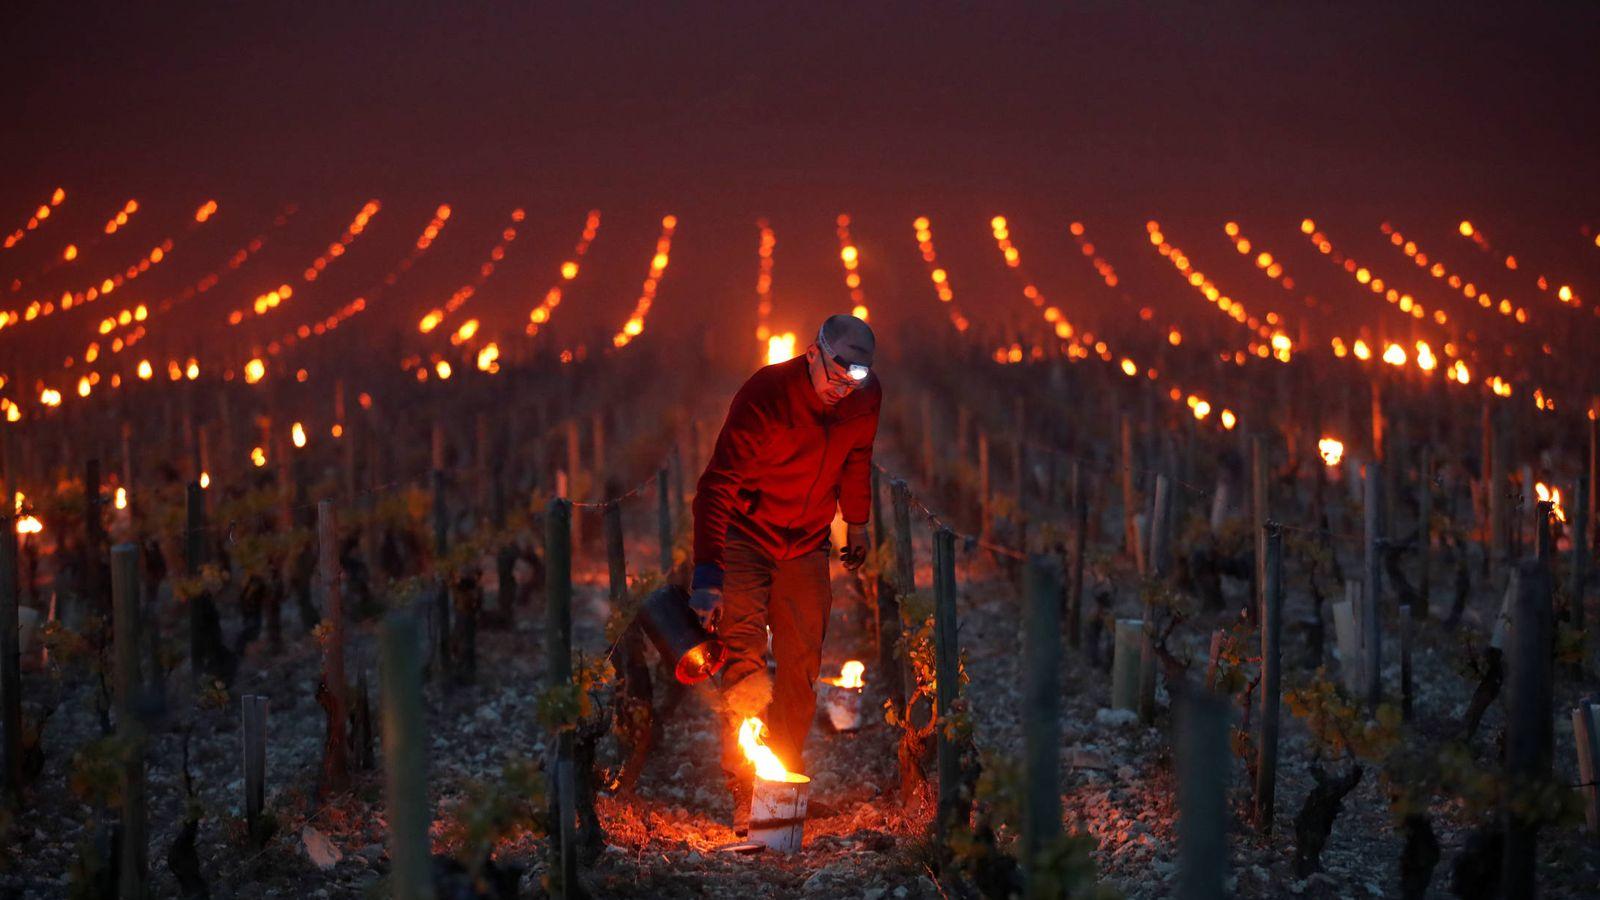 Foto: Trabajadores encienden pequeños fuegos para proteger los viñedos del frío cerca de Chablis, Francia. (Reuters)